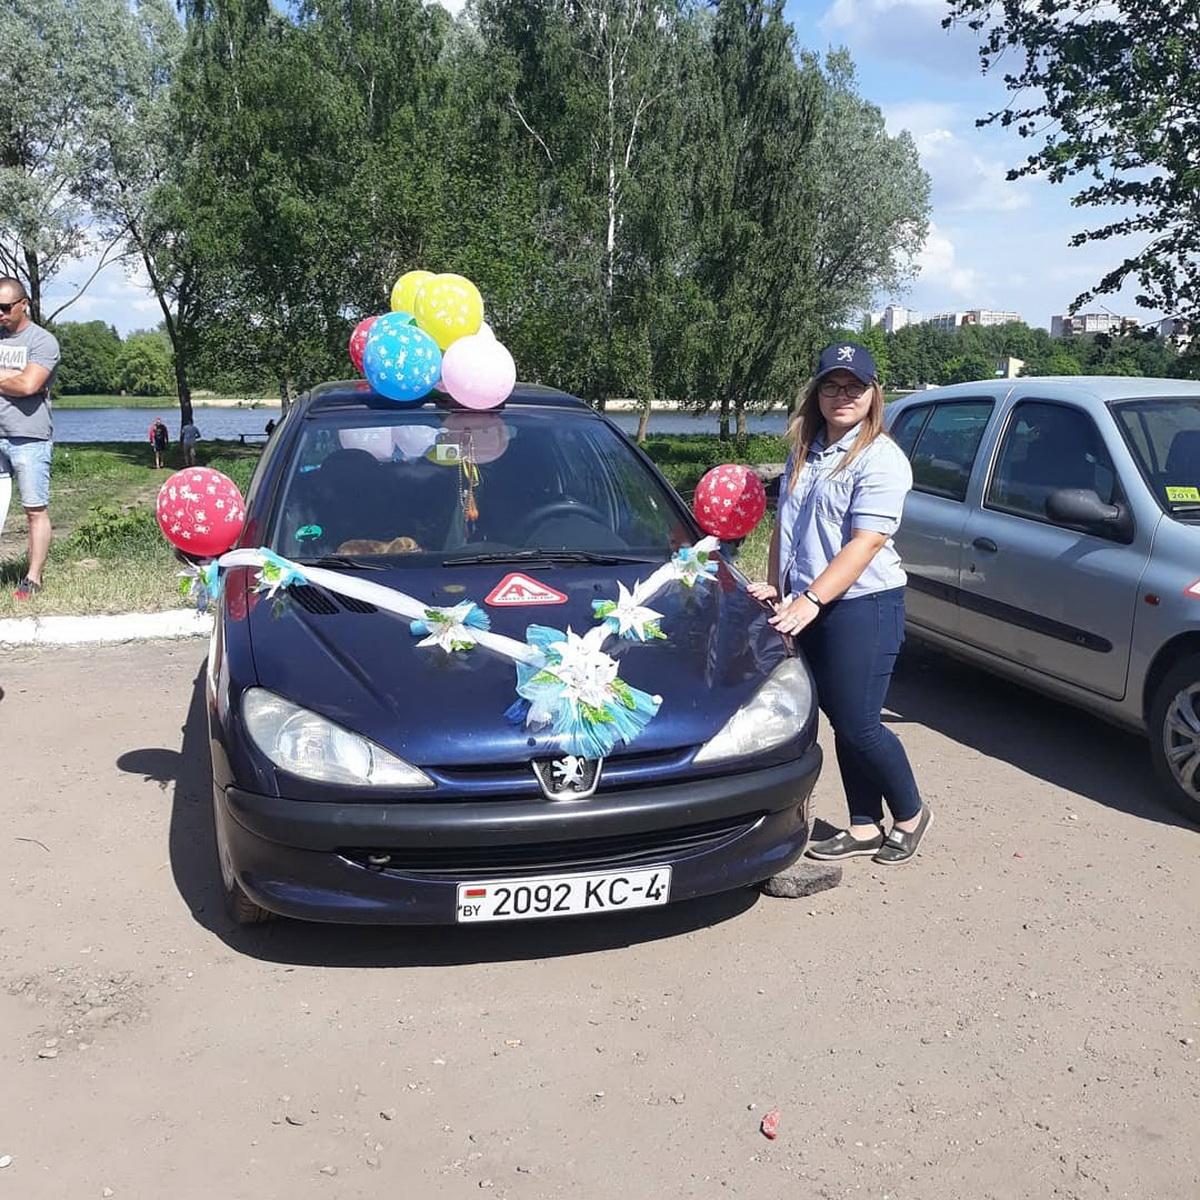 Виктория Нарбутович и ее Peugeot 206 во время конкурса «Автоледи», Гродненская область, 2018 год. Фото: личный архив